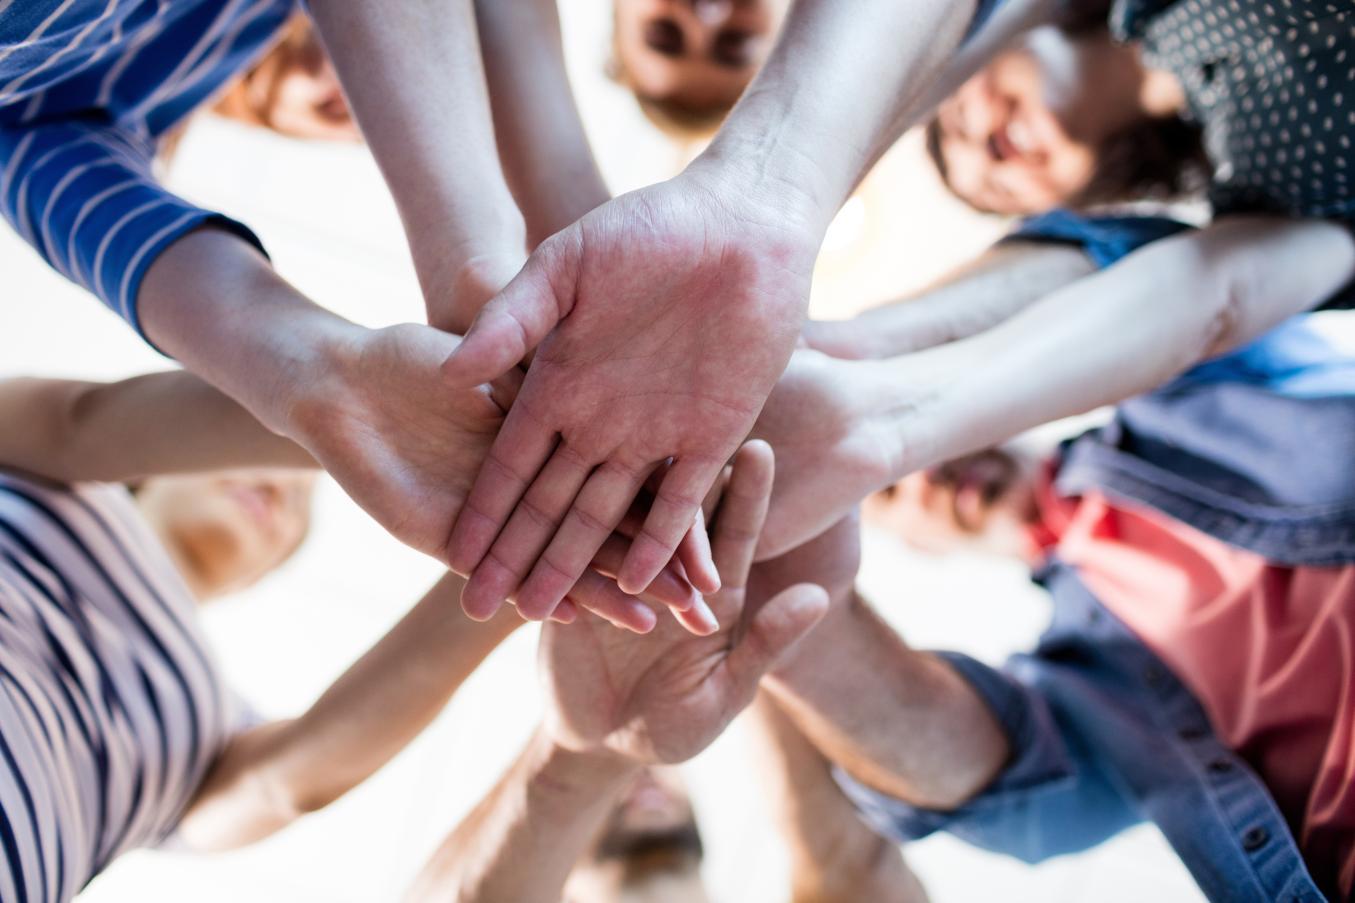 Useat ihmiset yhdistävät kätensä päällekkäin keskelle kuvaa yhtenäisyyden merkiksi.